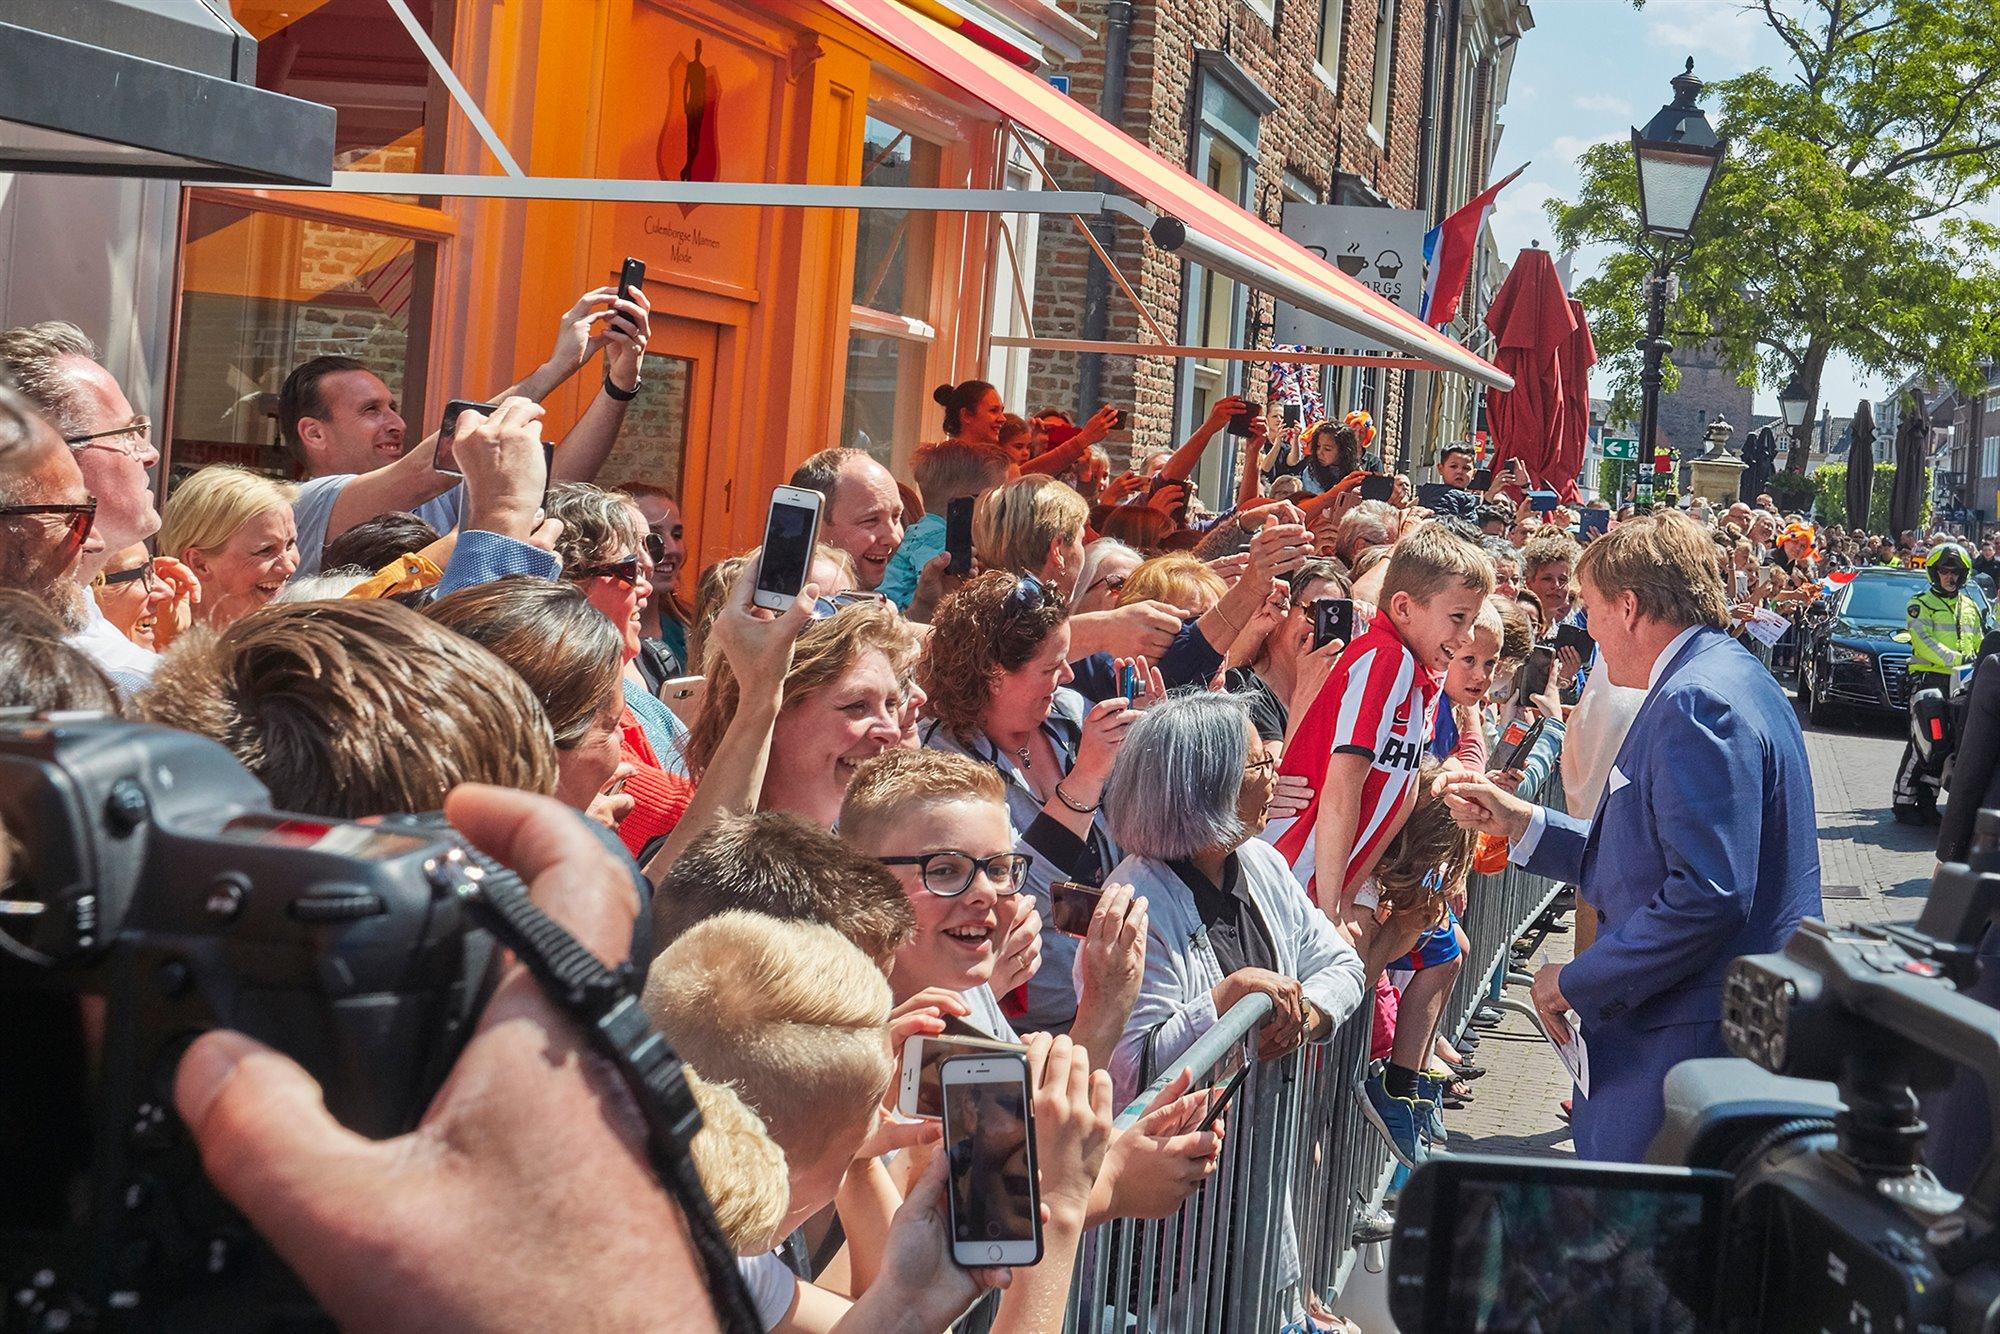 Koning Willem Alexander in gesprek met een van de vele kinderen langs de route. Veel vrolijke gezichten, blije kinderen voor een winkelpand, onder een zonnescherm achter dranghekken langs de looproute van het koninklijk paar. Verder zijn gebouwen, bomen, lantaarnpaal, motoragent, auto en camera's te zien.